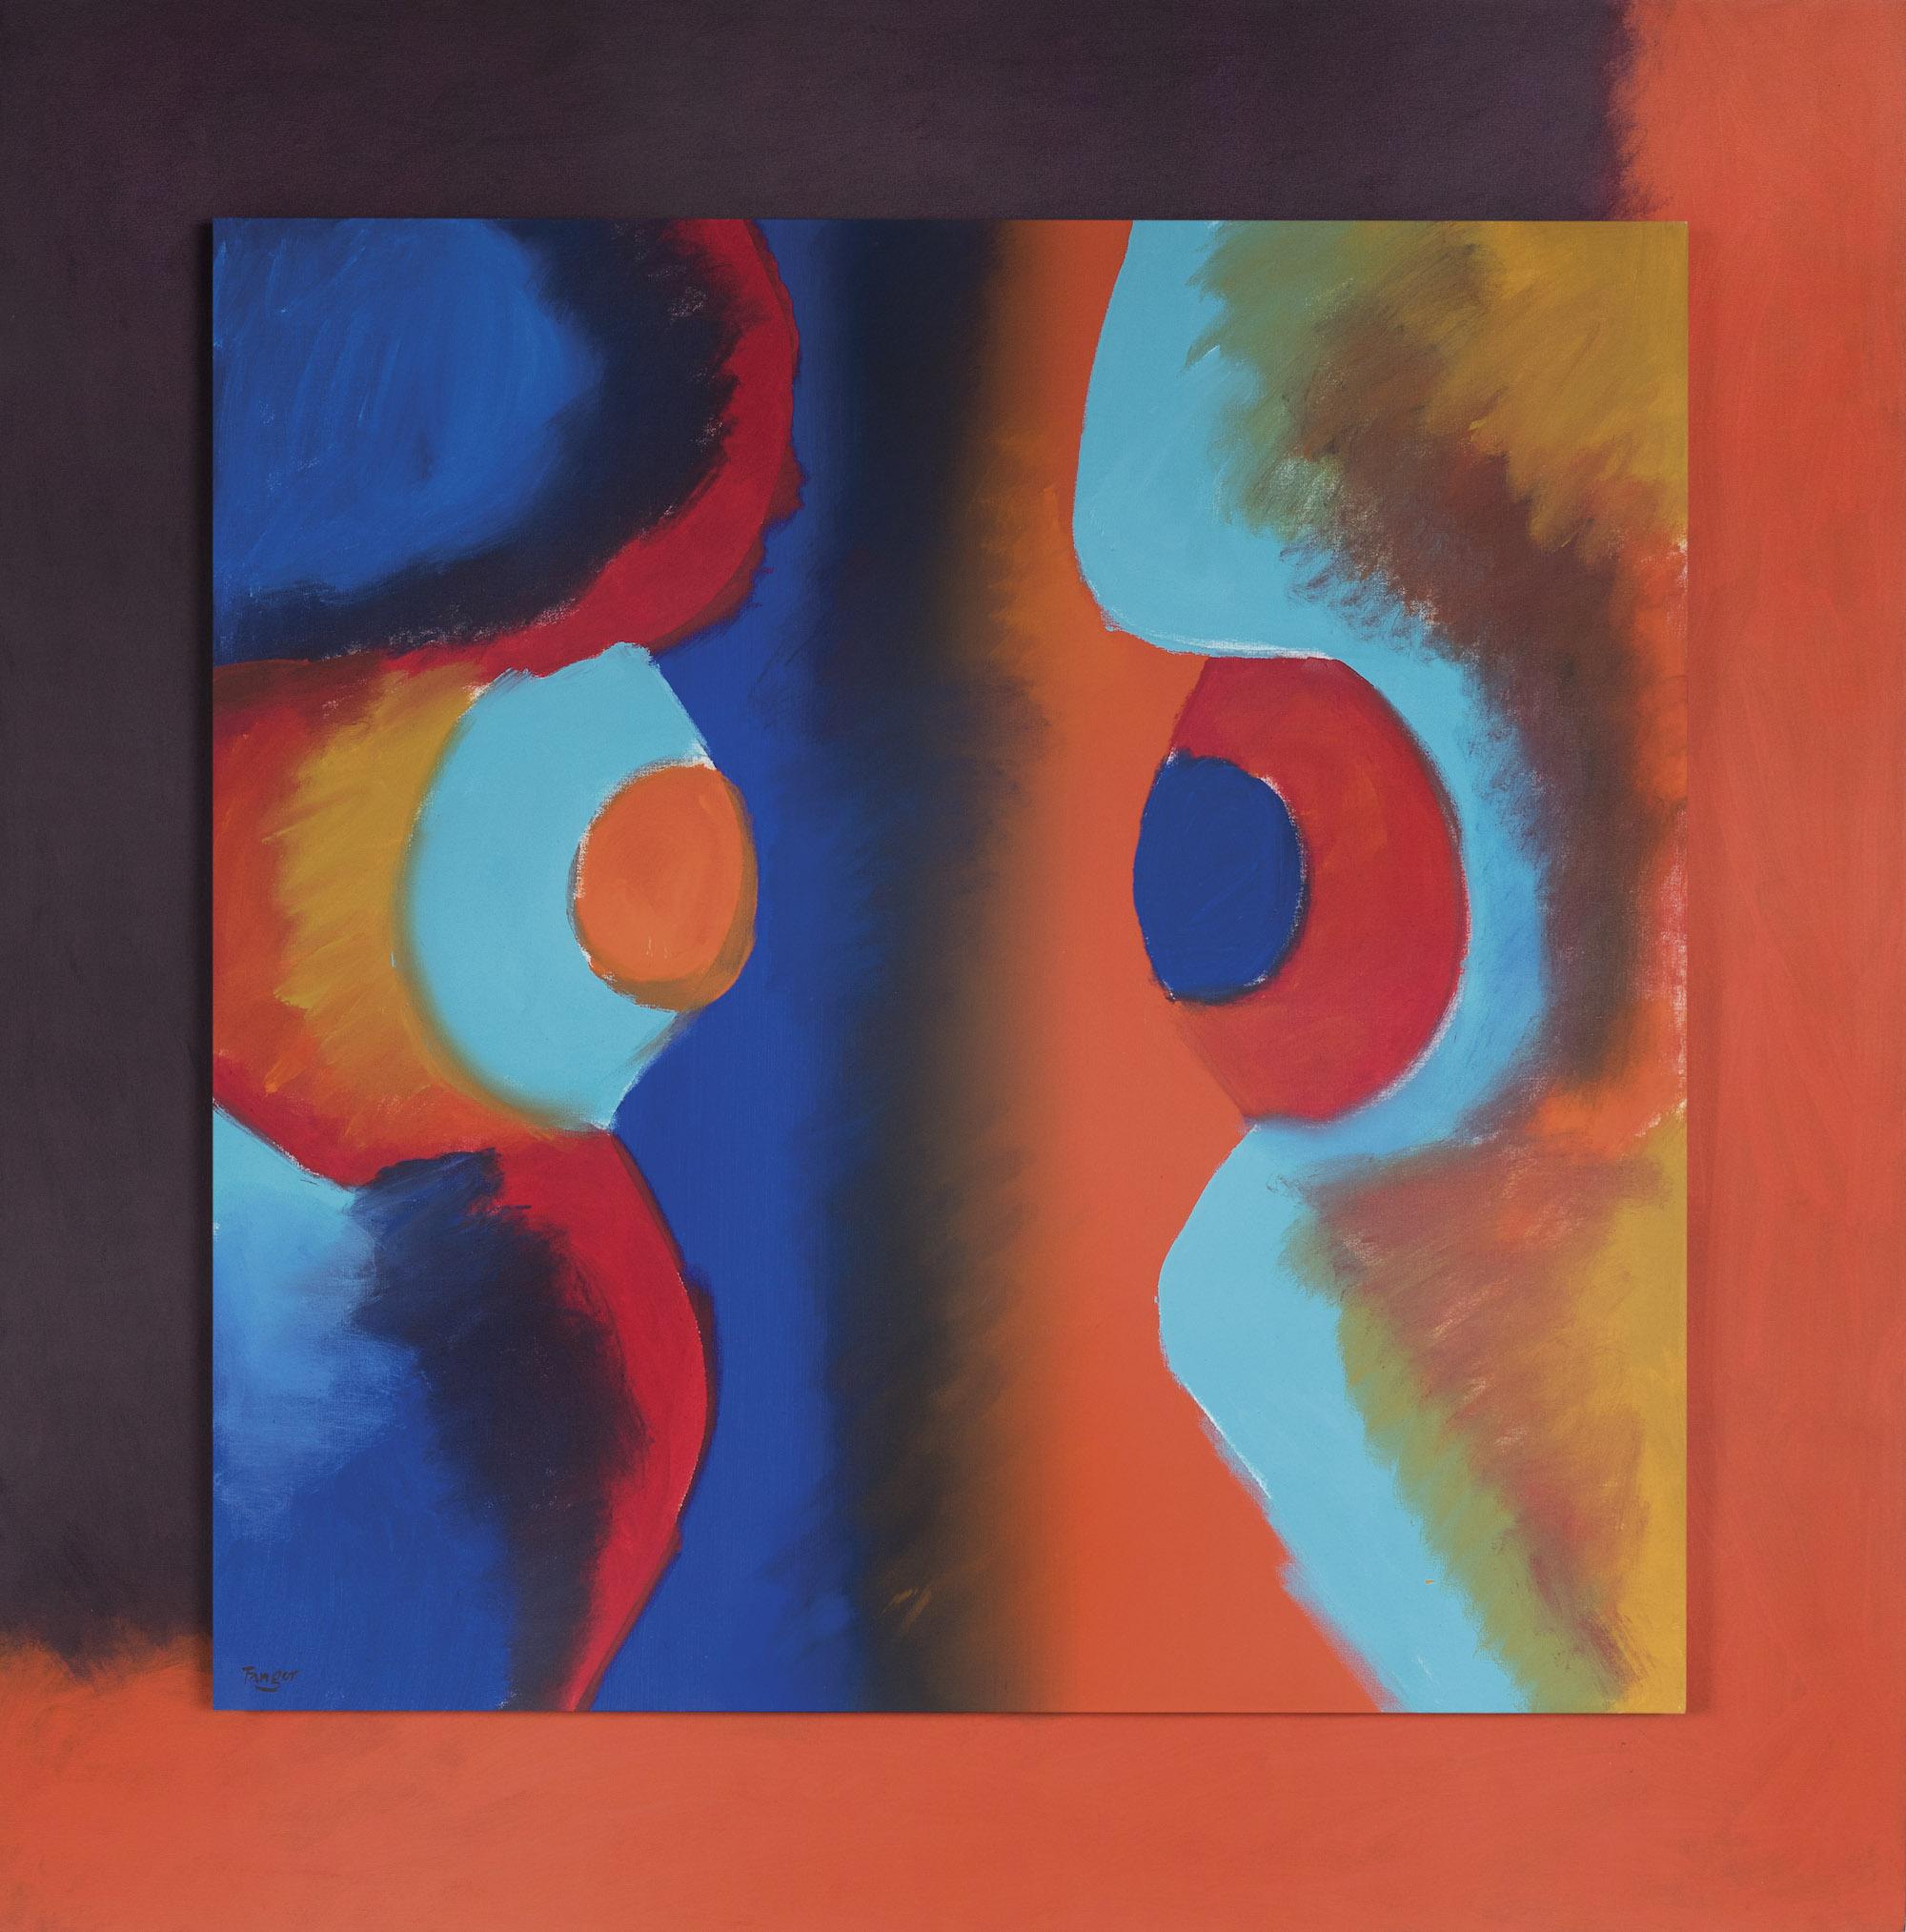 """Wojciech Fangor, """"IS 37"""", 1976, olej, płótno, 168 x 168 cm, kolekcja prywatna (źródło: materiały prasowe organizatora)"""